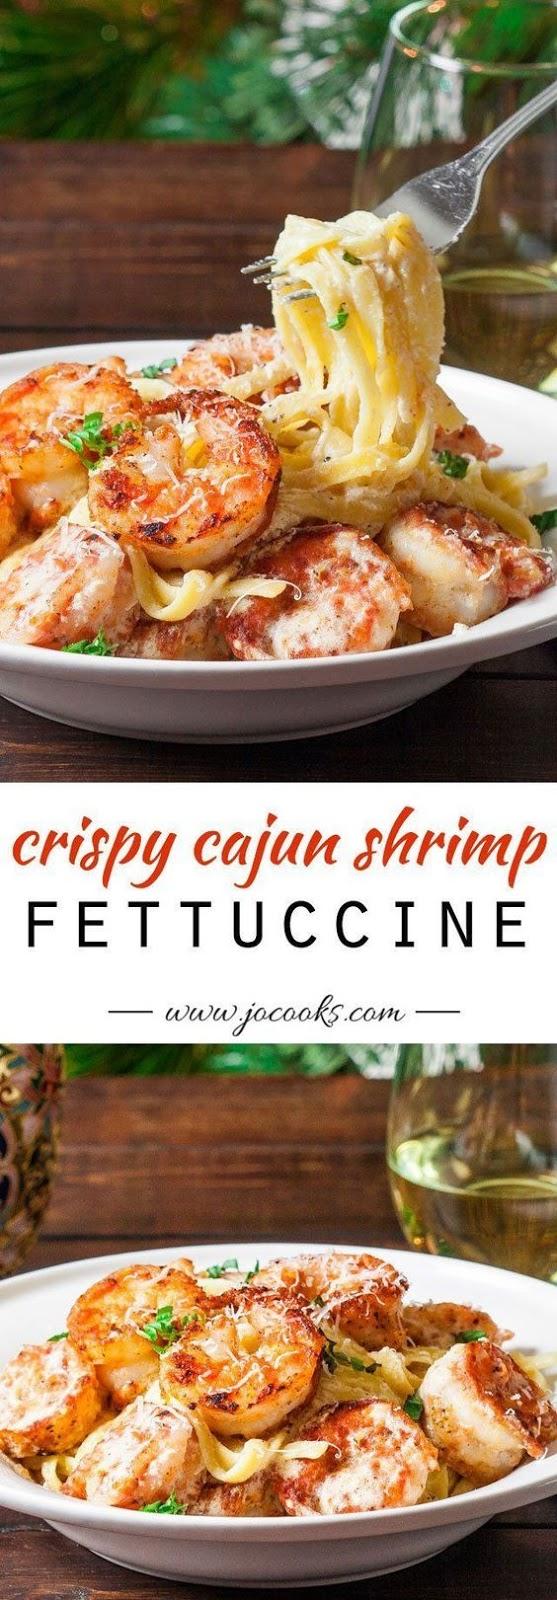 Crispy Cajun Shrimp Fettuccine #maincourse #dinner #cajun #shrimp #fettuccine